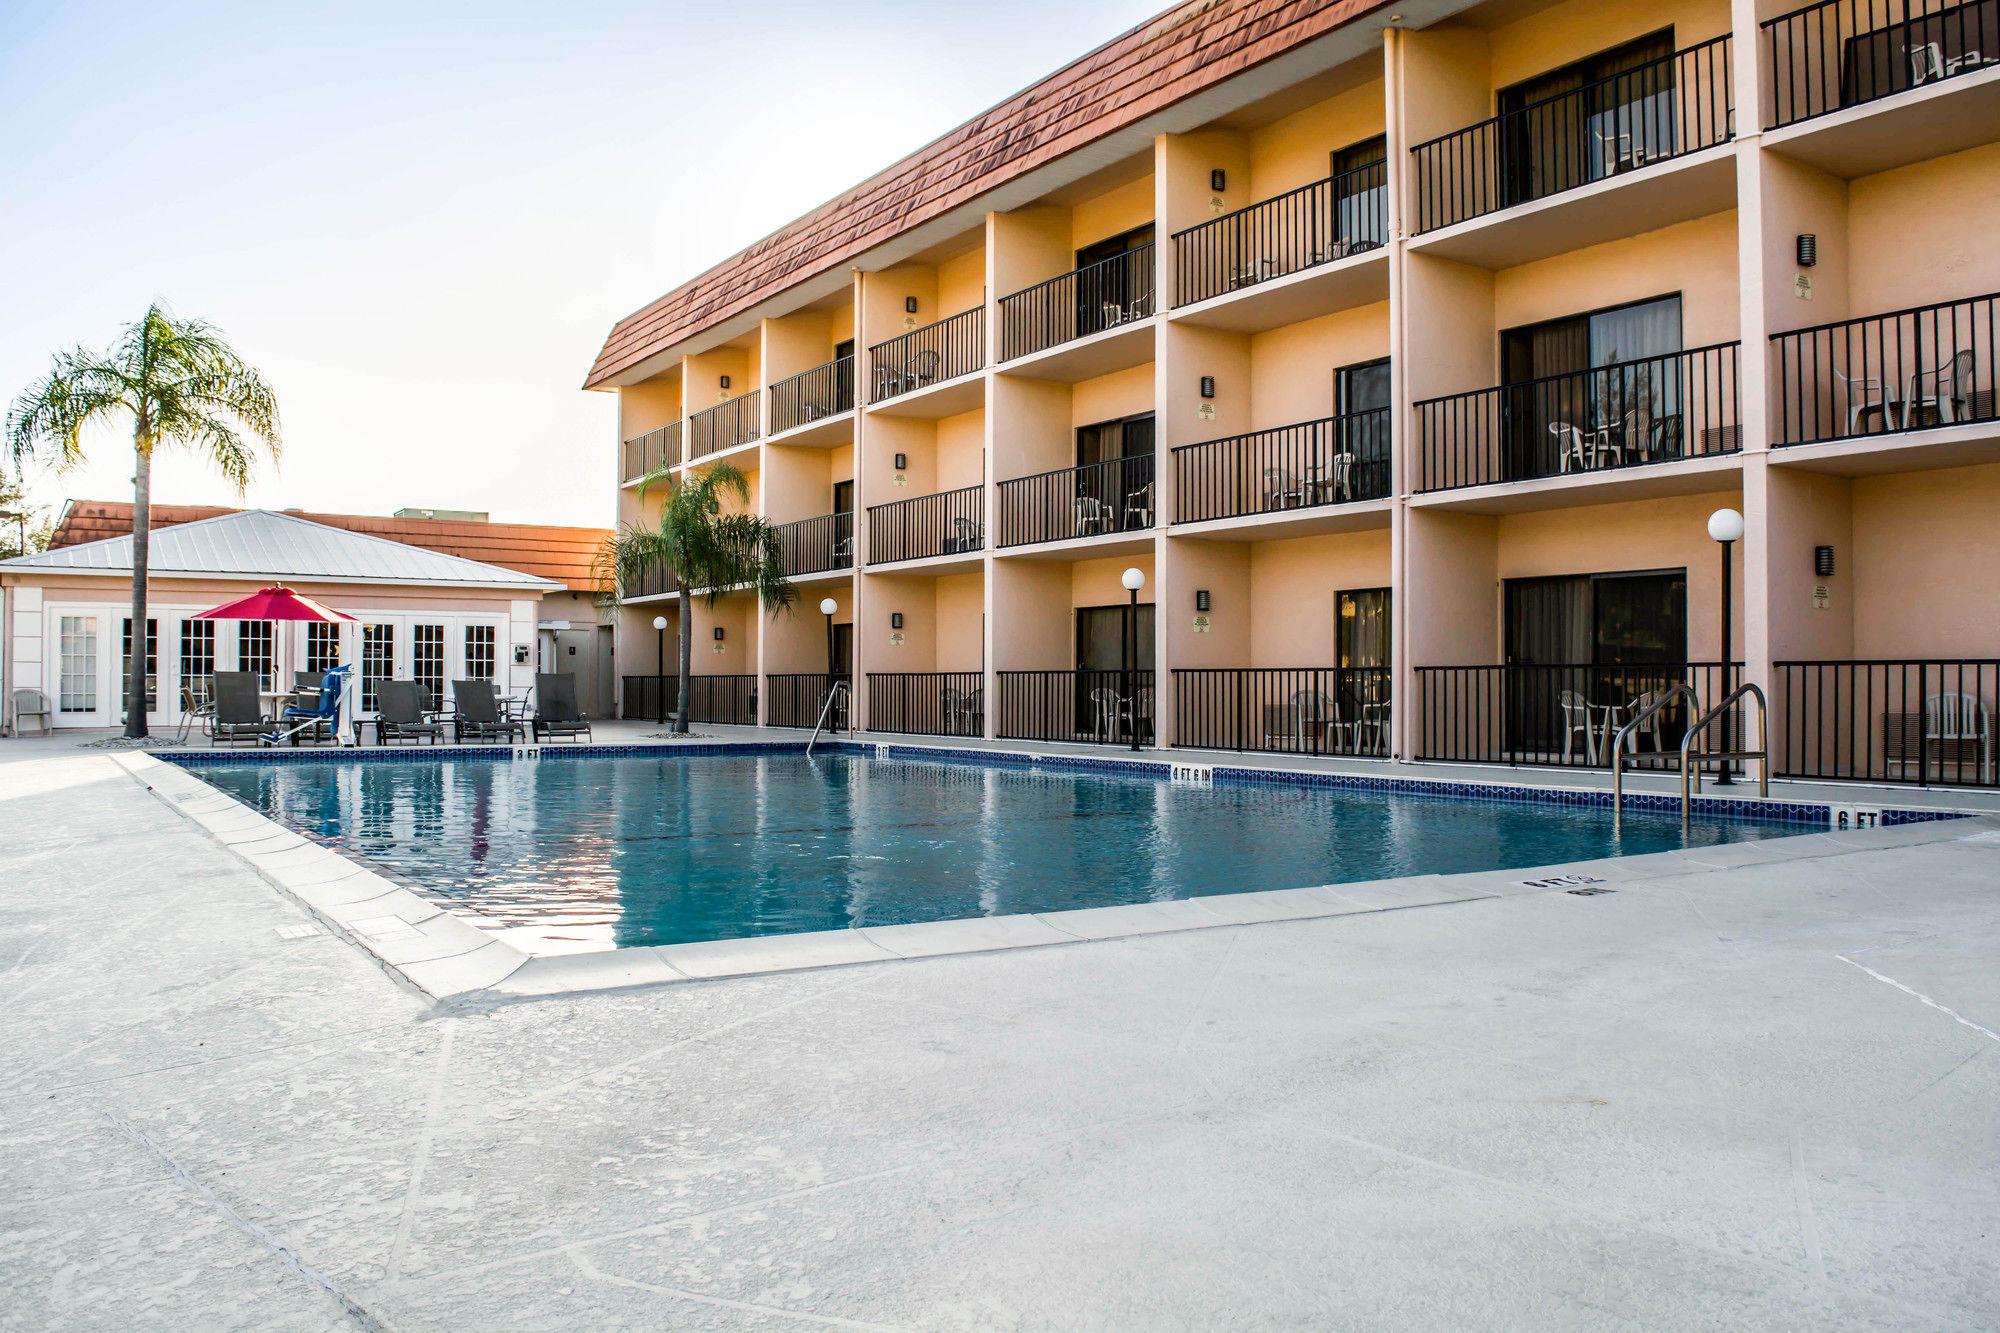 Comfort Inn in Bonita Springs, FL